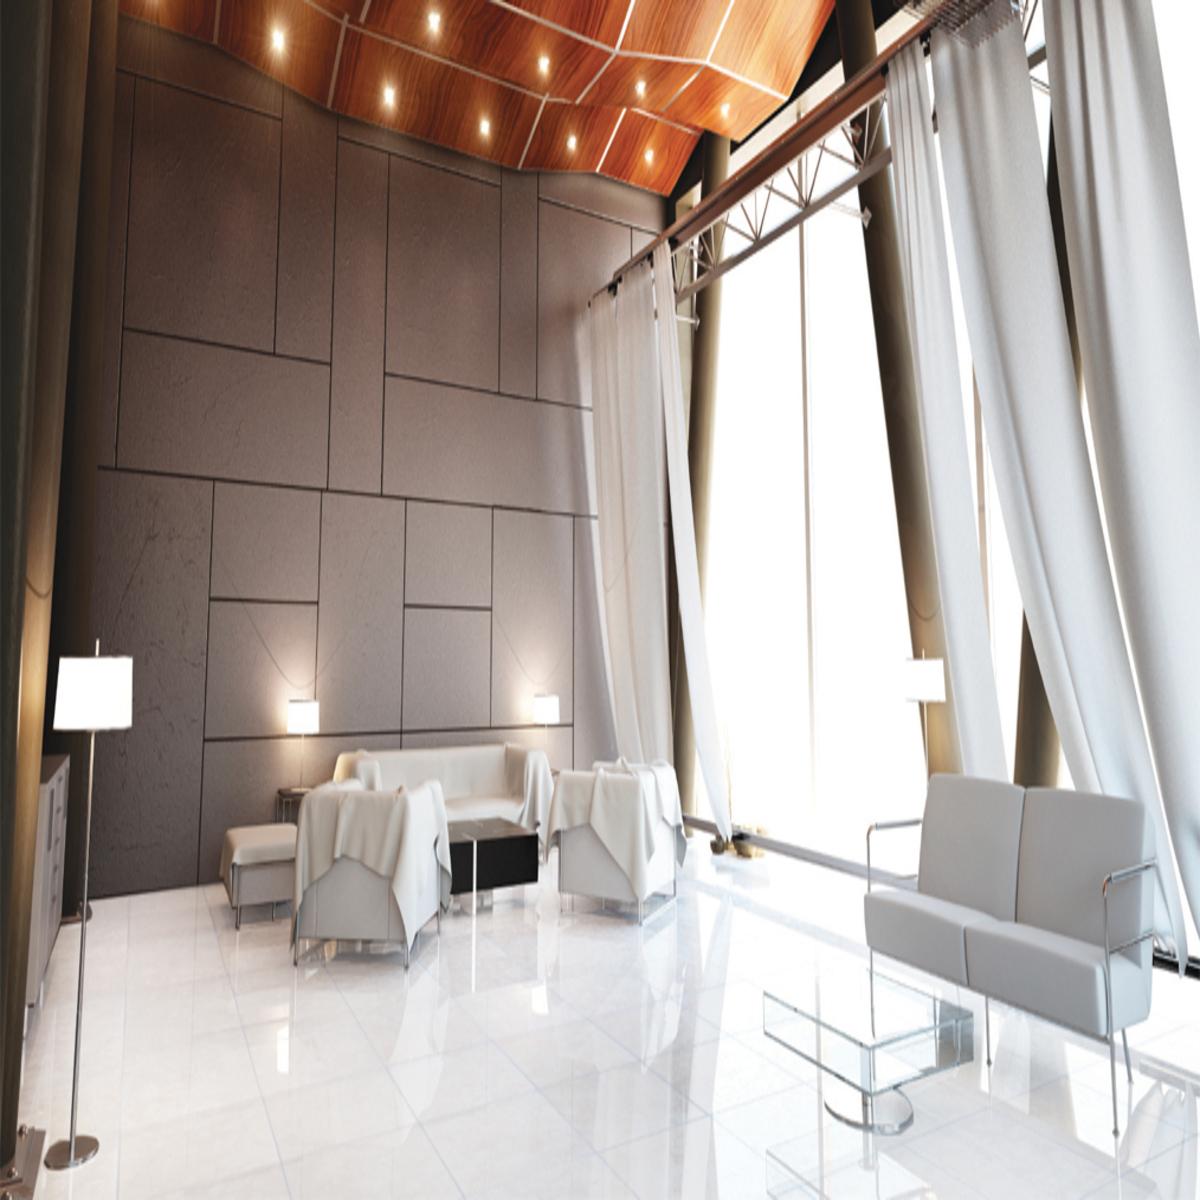 Granito Tampilan Lantai Rumah Jadi Mewah